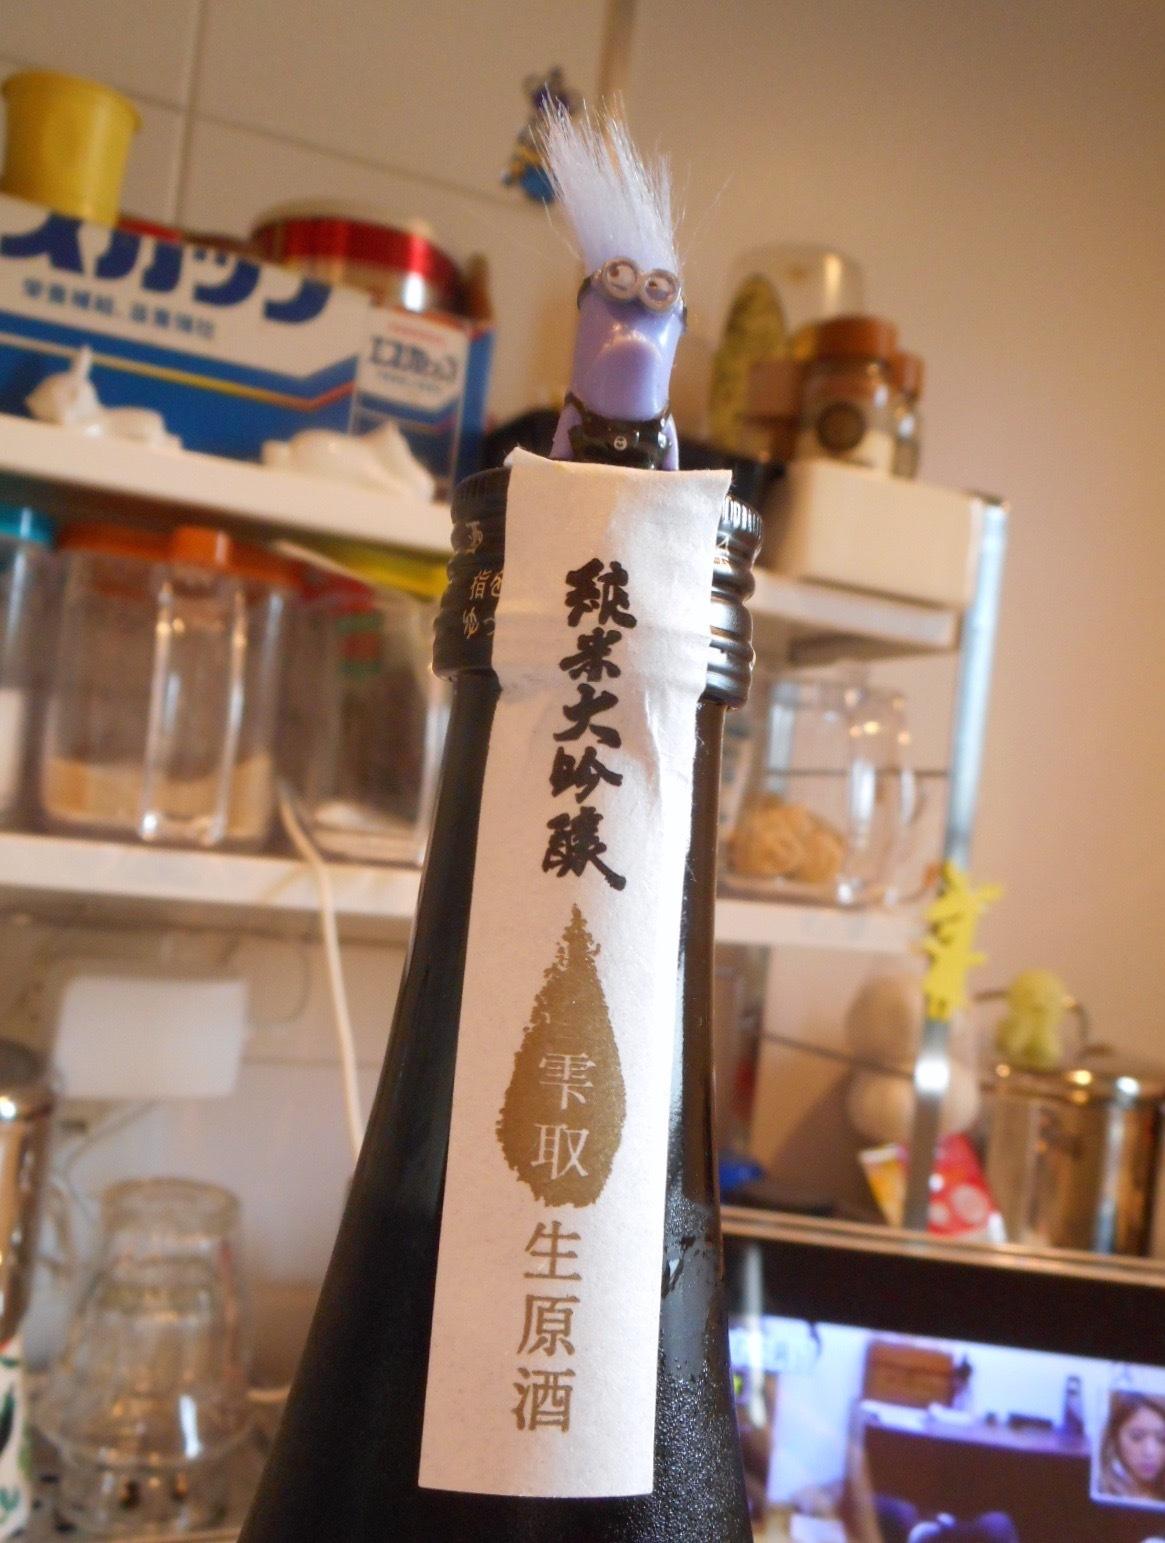 yamatoshizuku_jundai_shizku28by3.jpg